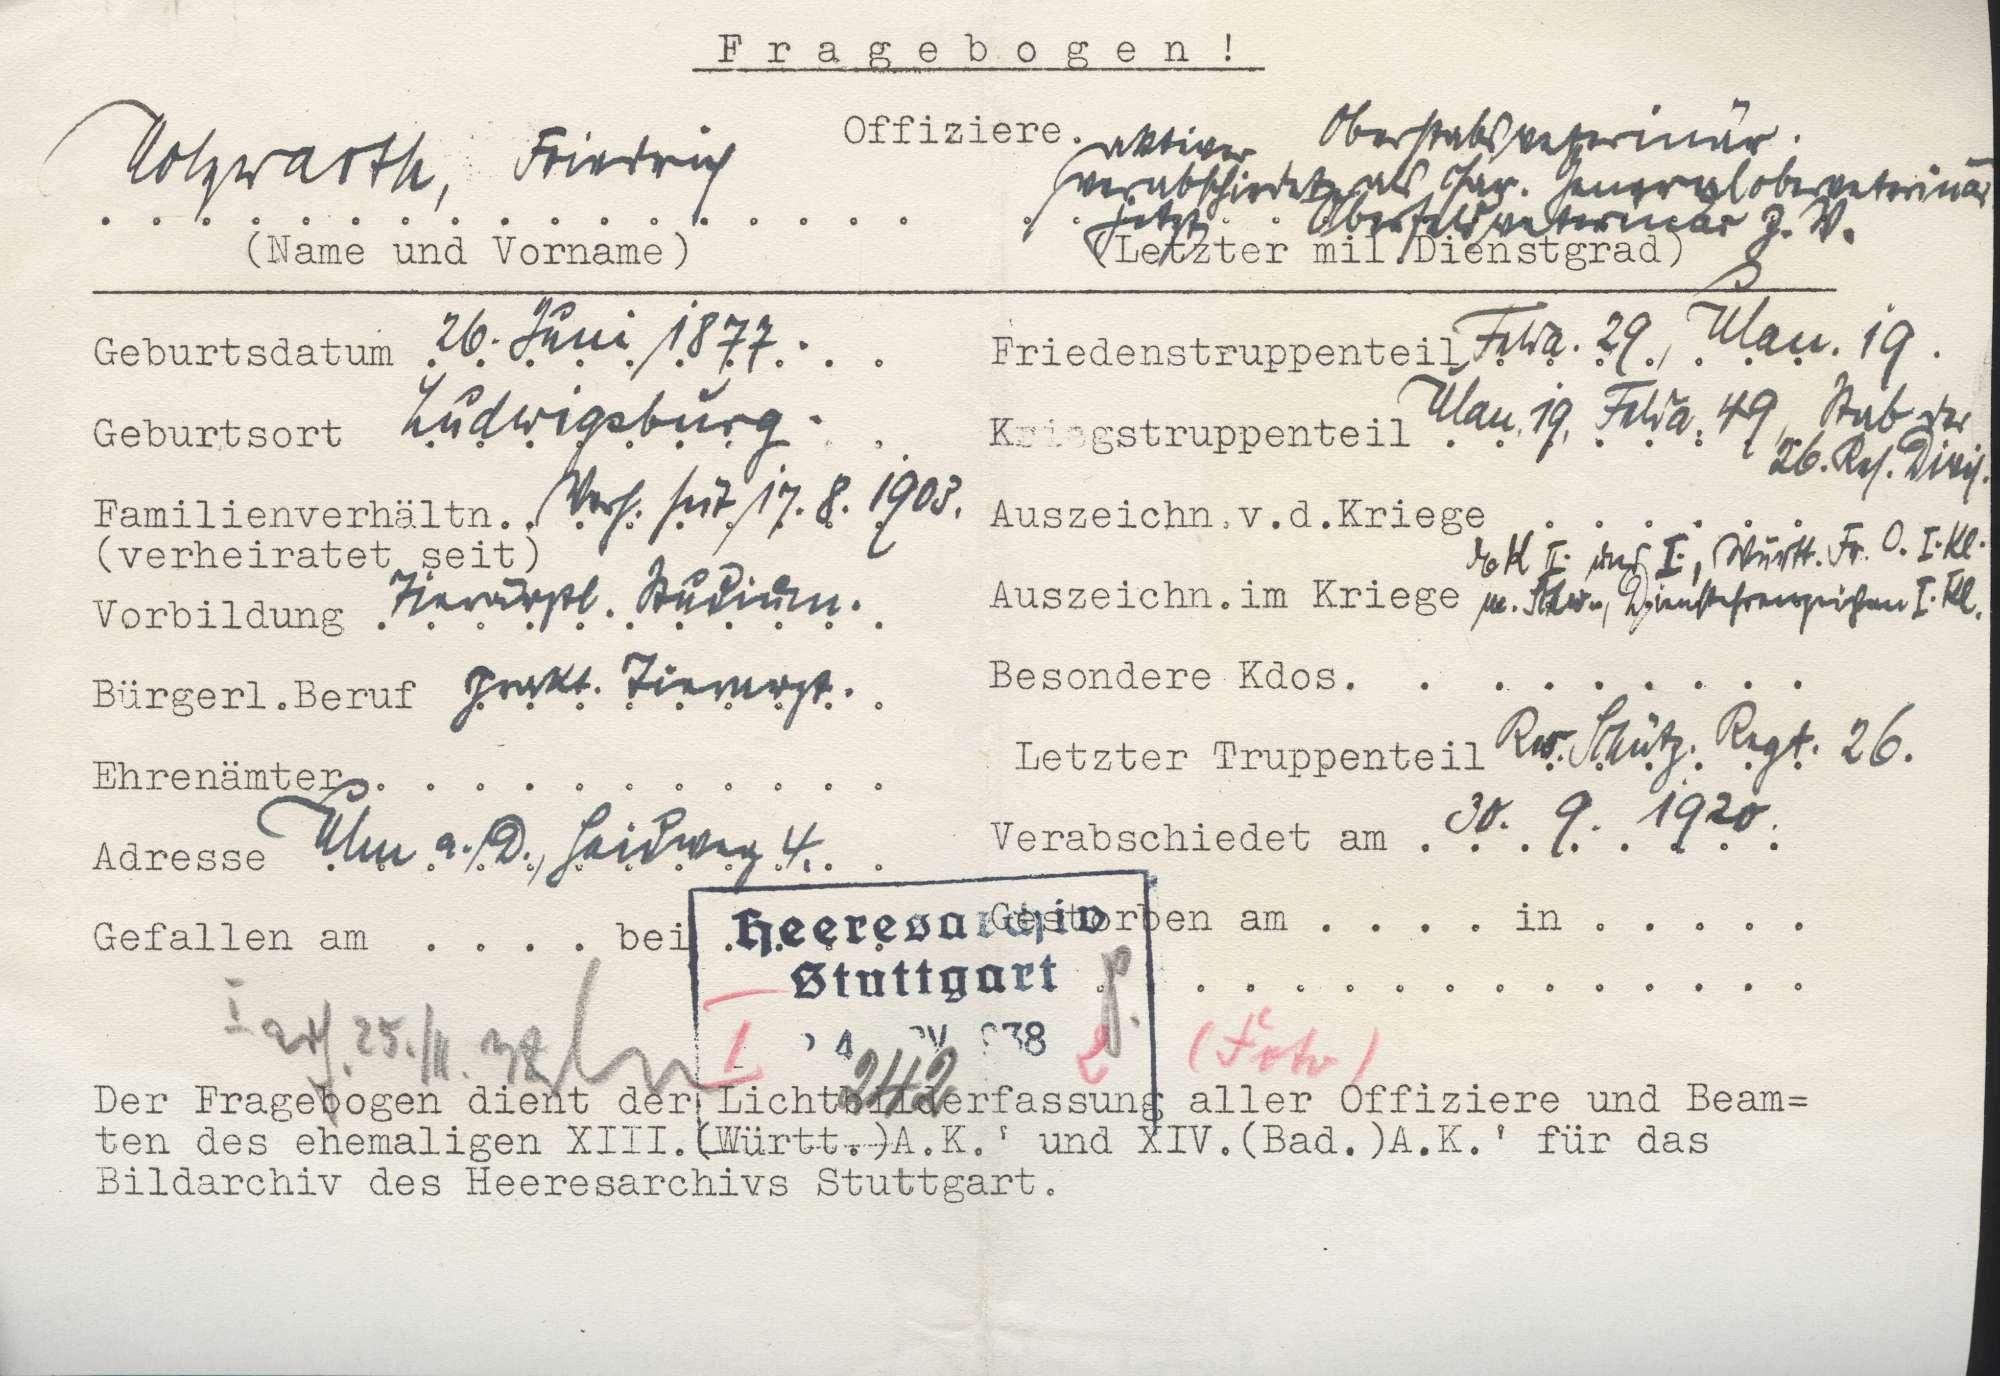 Holzwarth, Friedrich, Bild 3